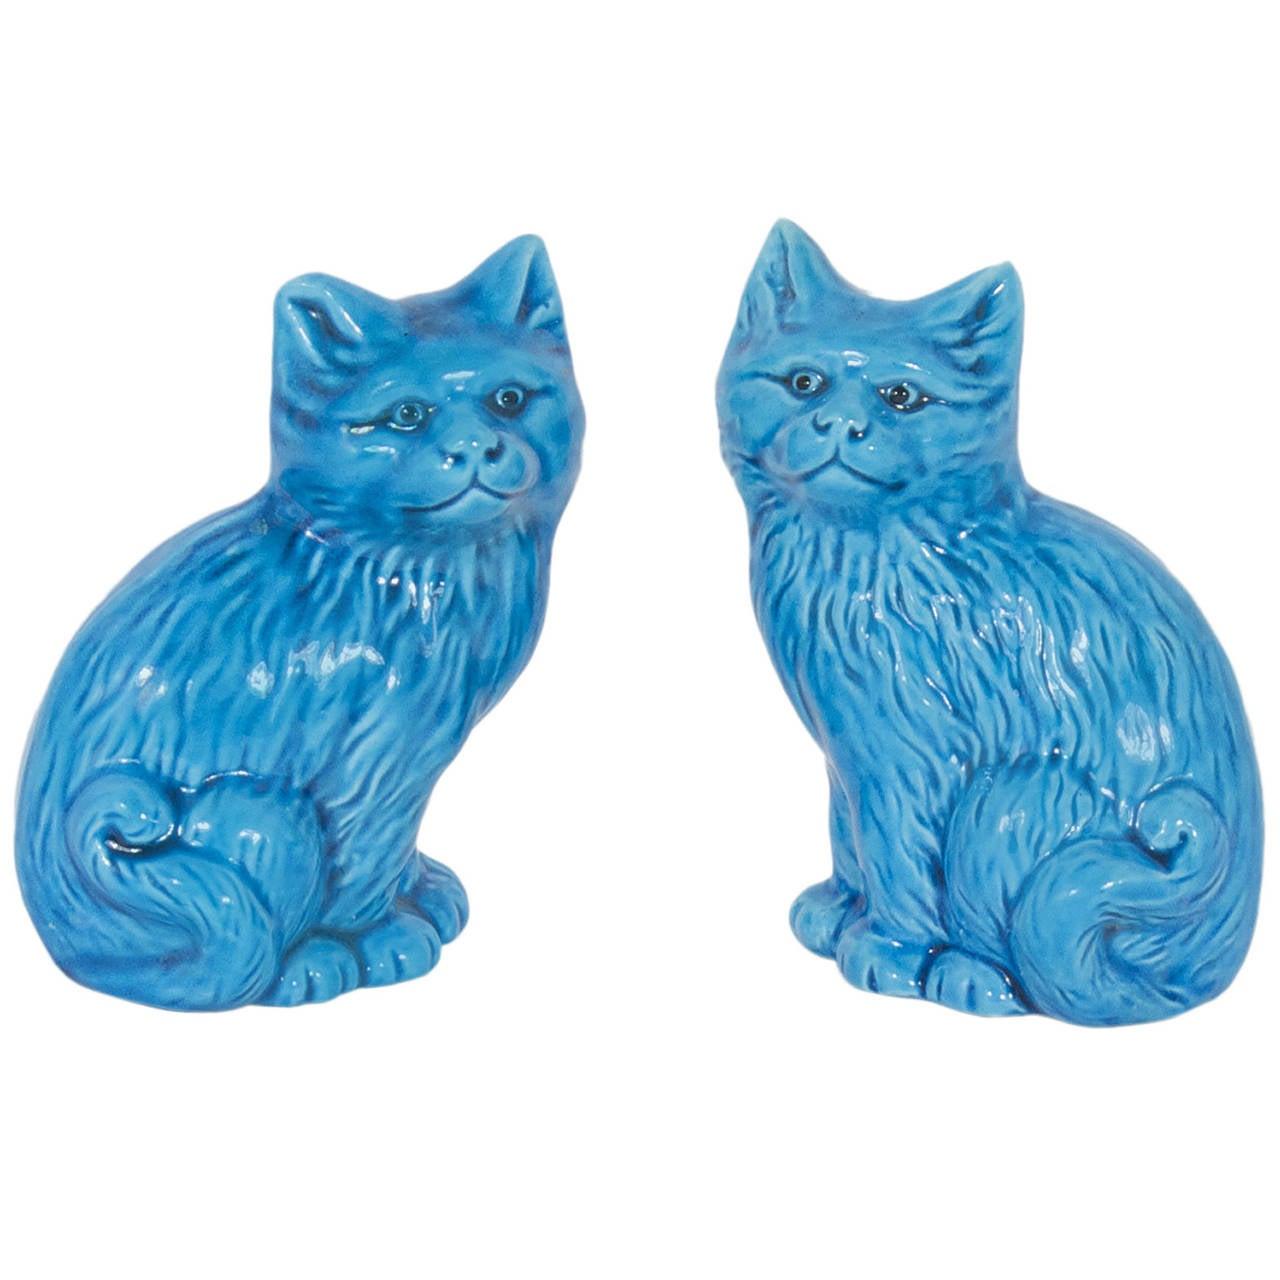 Pair of Turquoise Ceramic Cats